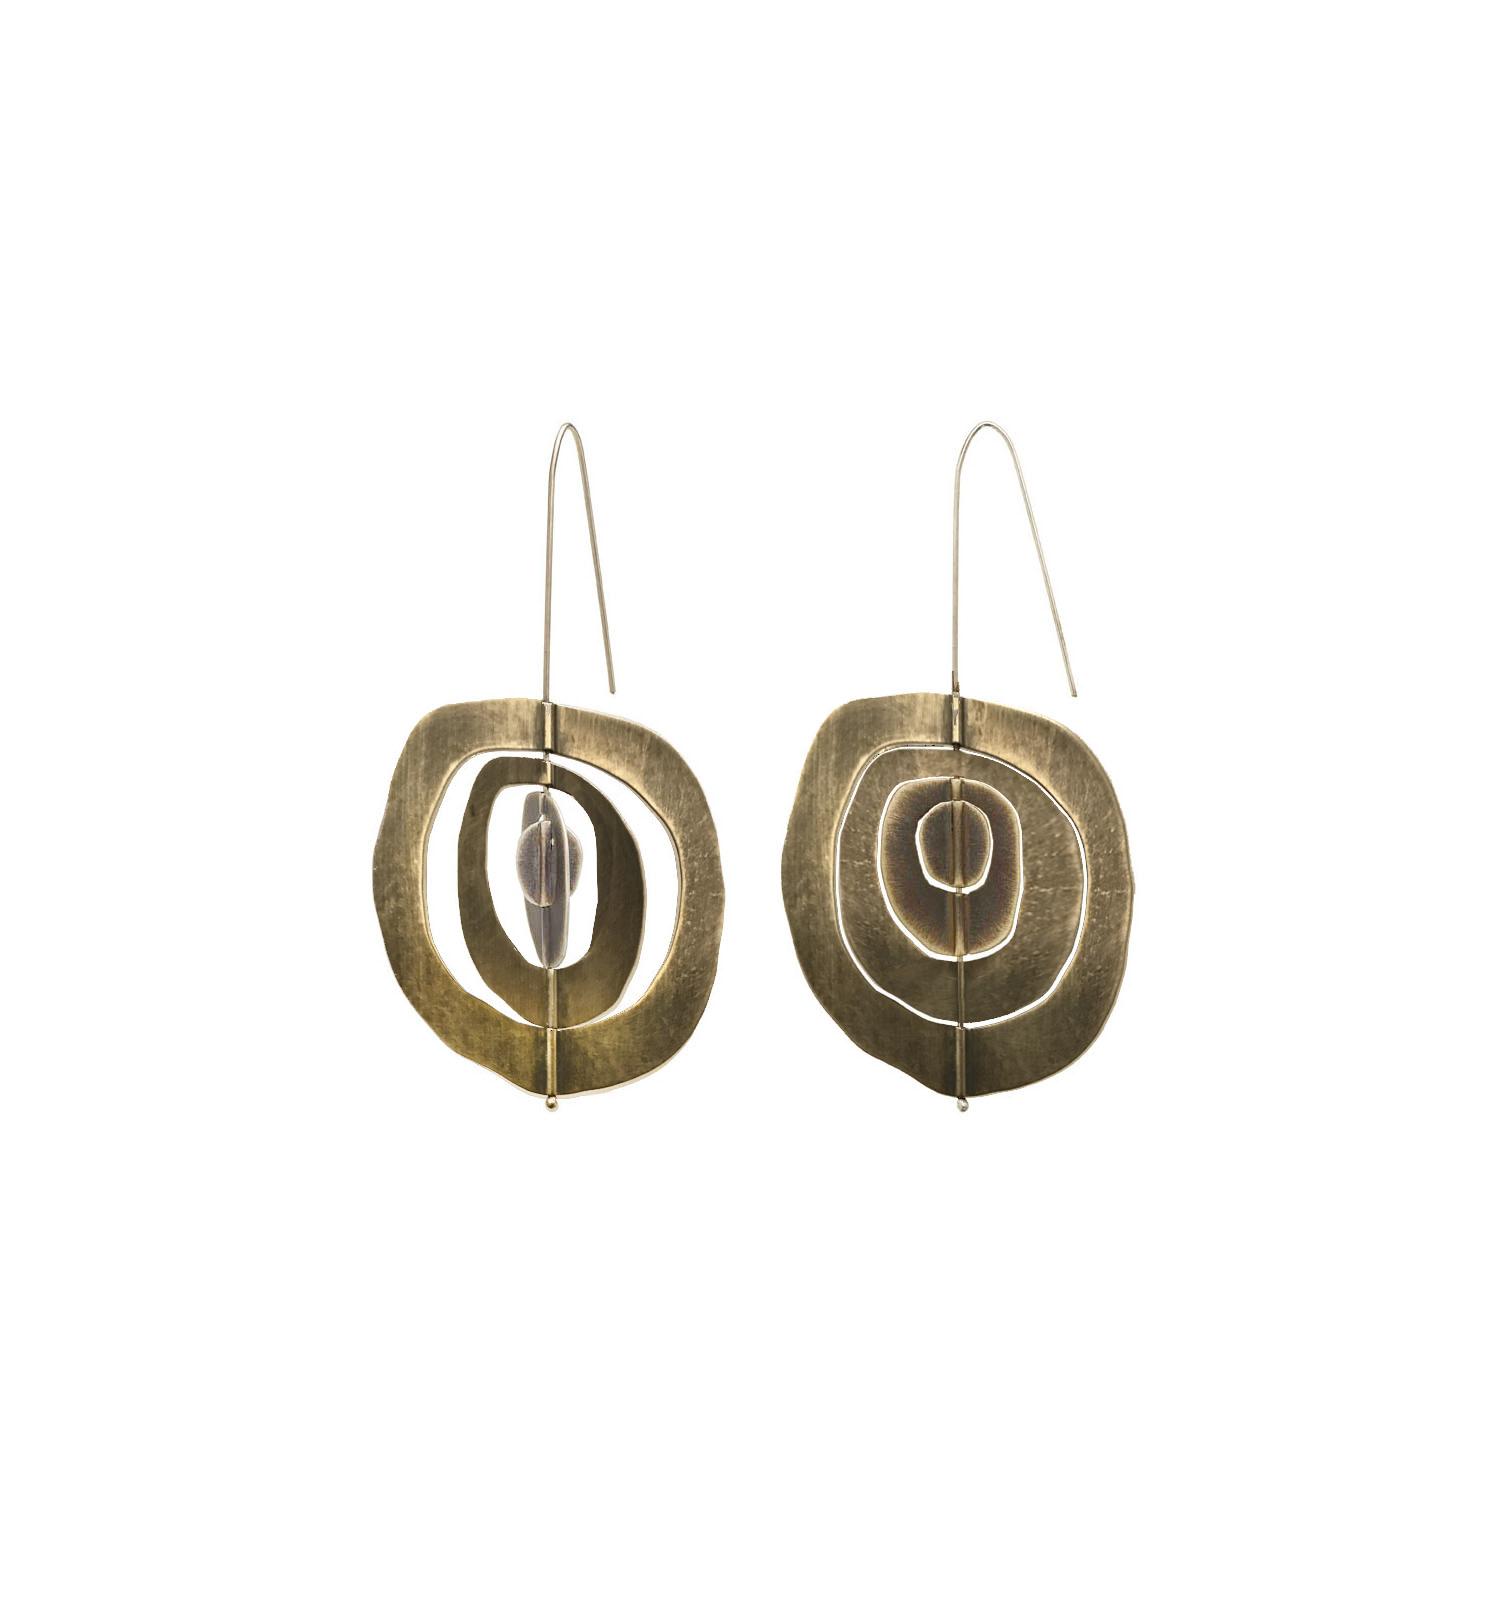 Allium Slice Earrings in brushed sterling silver